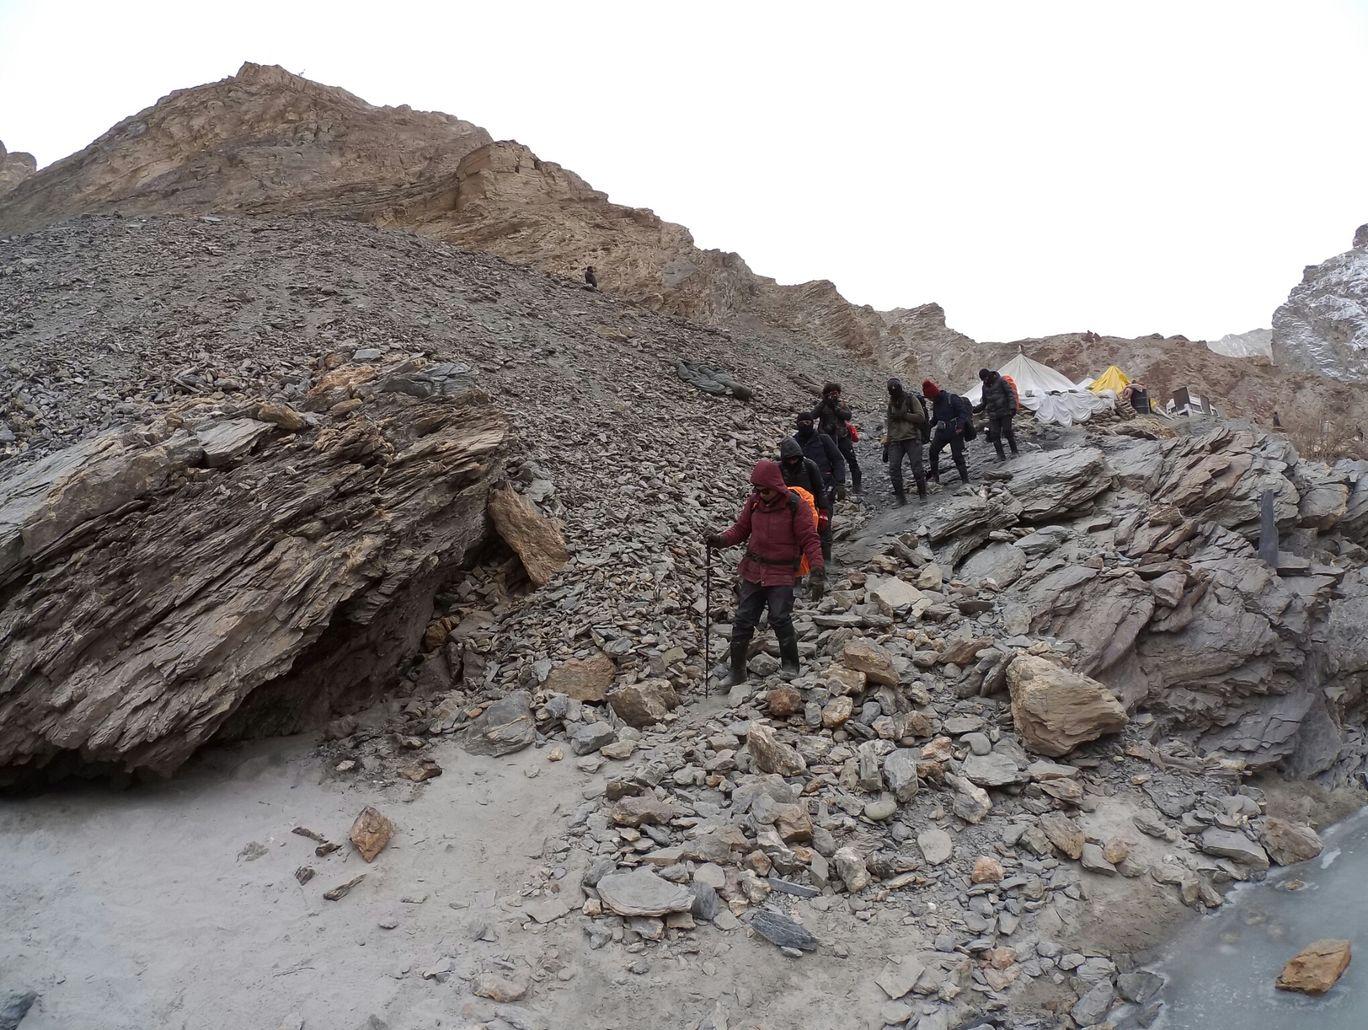 Photo of Chadar trek - Trekking In Ladakh - Frozen River Trekking In Ladakh By Nitin Jaiswal